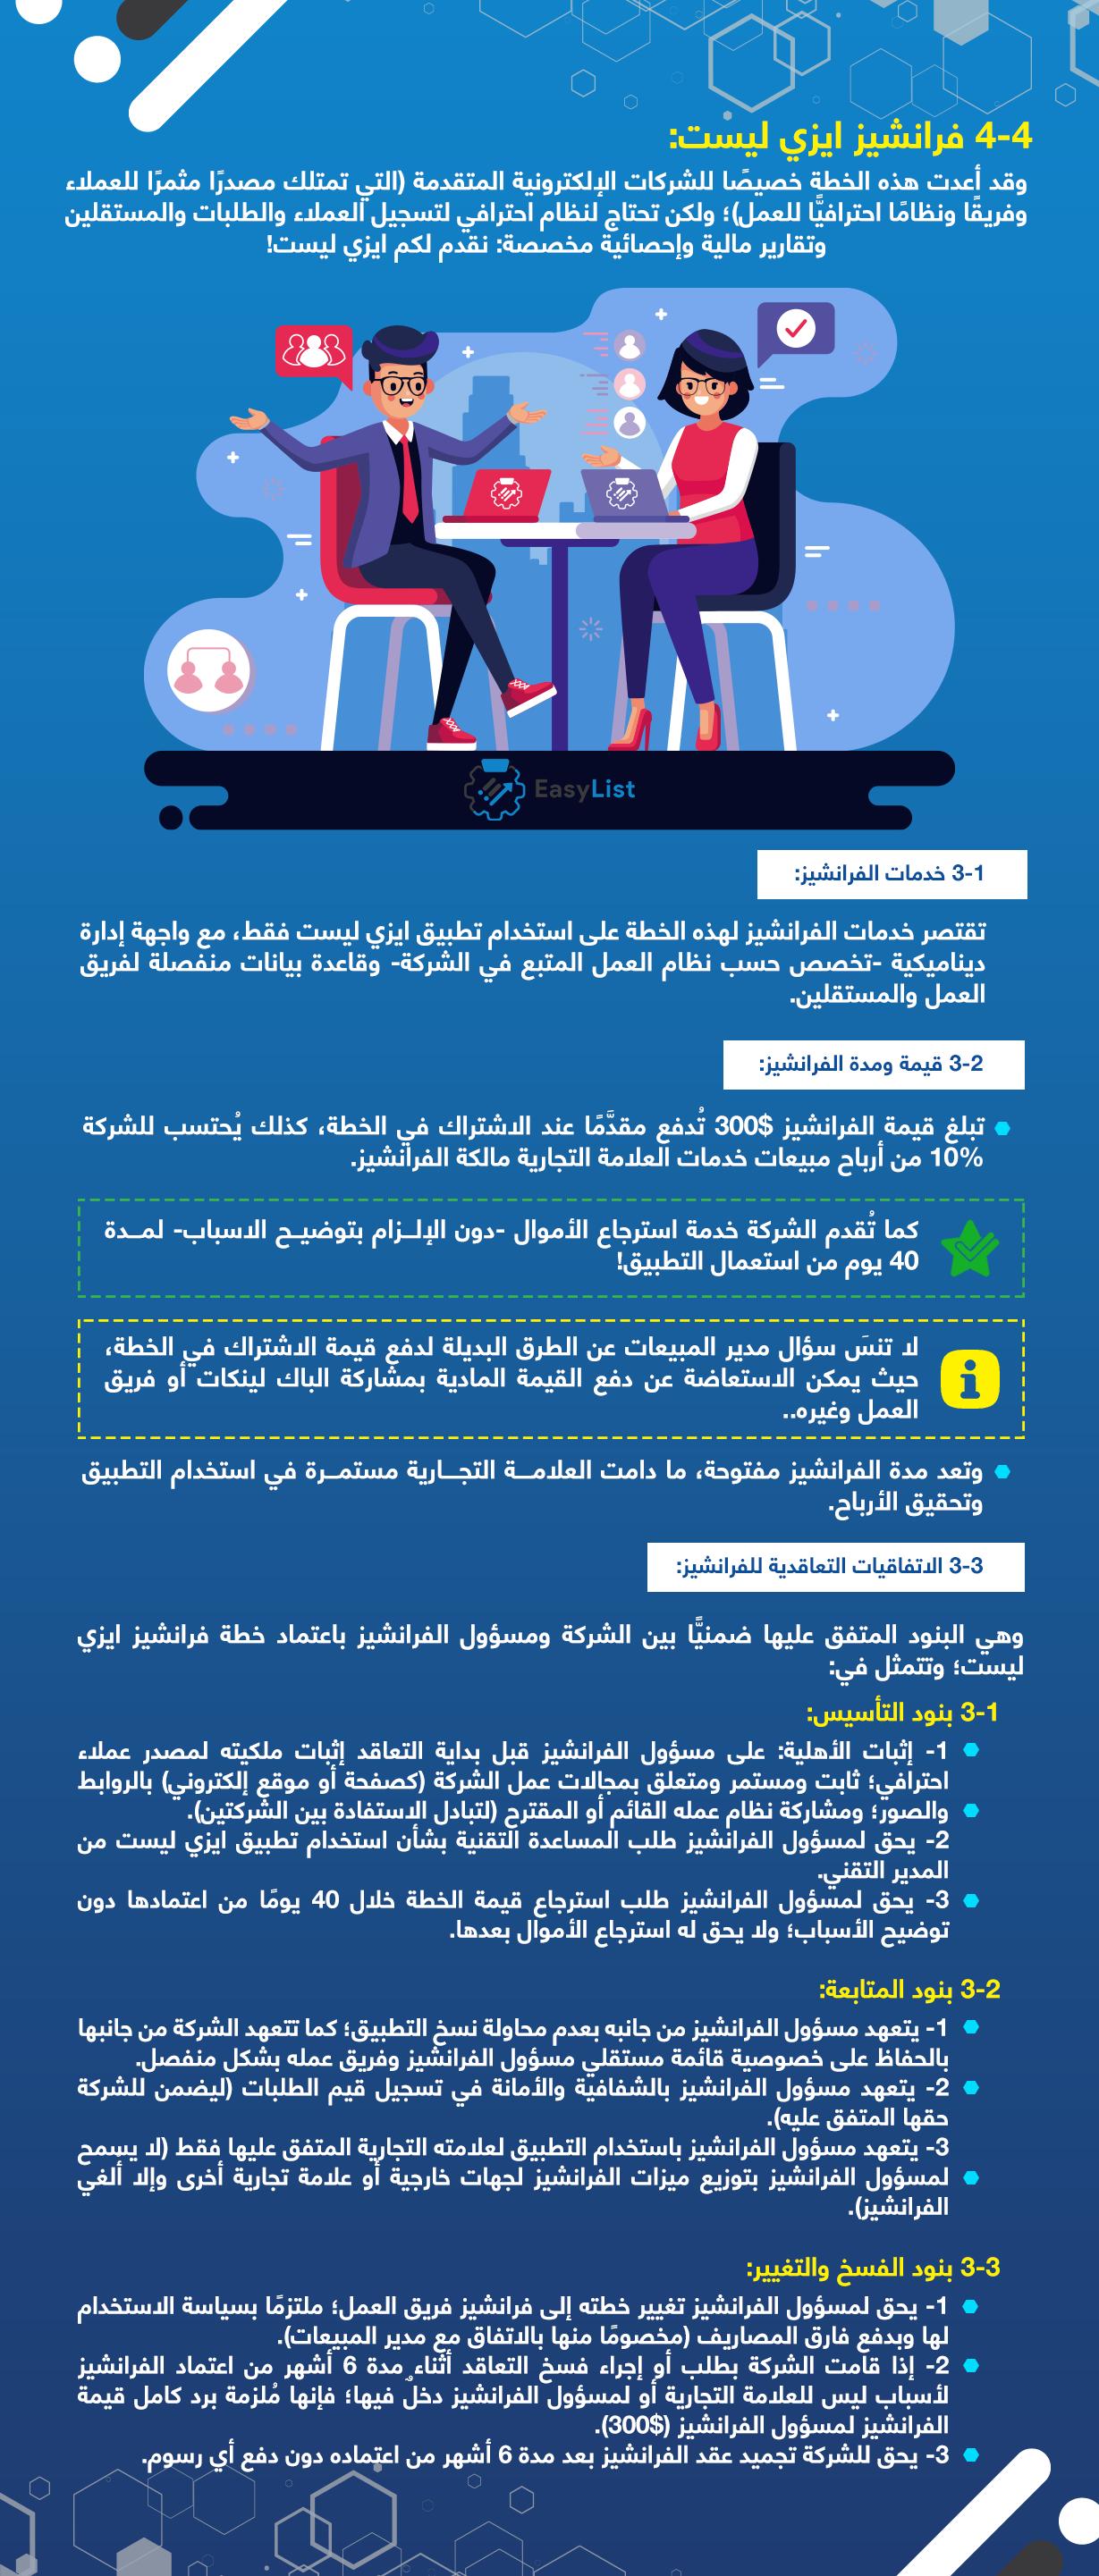 خطة فرانشيز ايزي ليست بالمركز العربي للخدمات الإلكترونية - ACFE-S